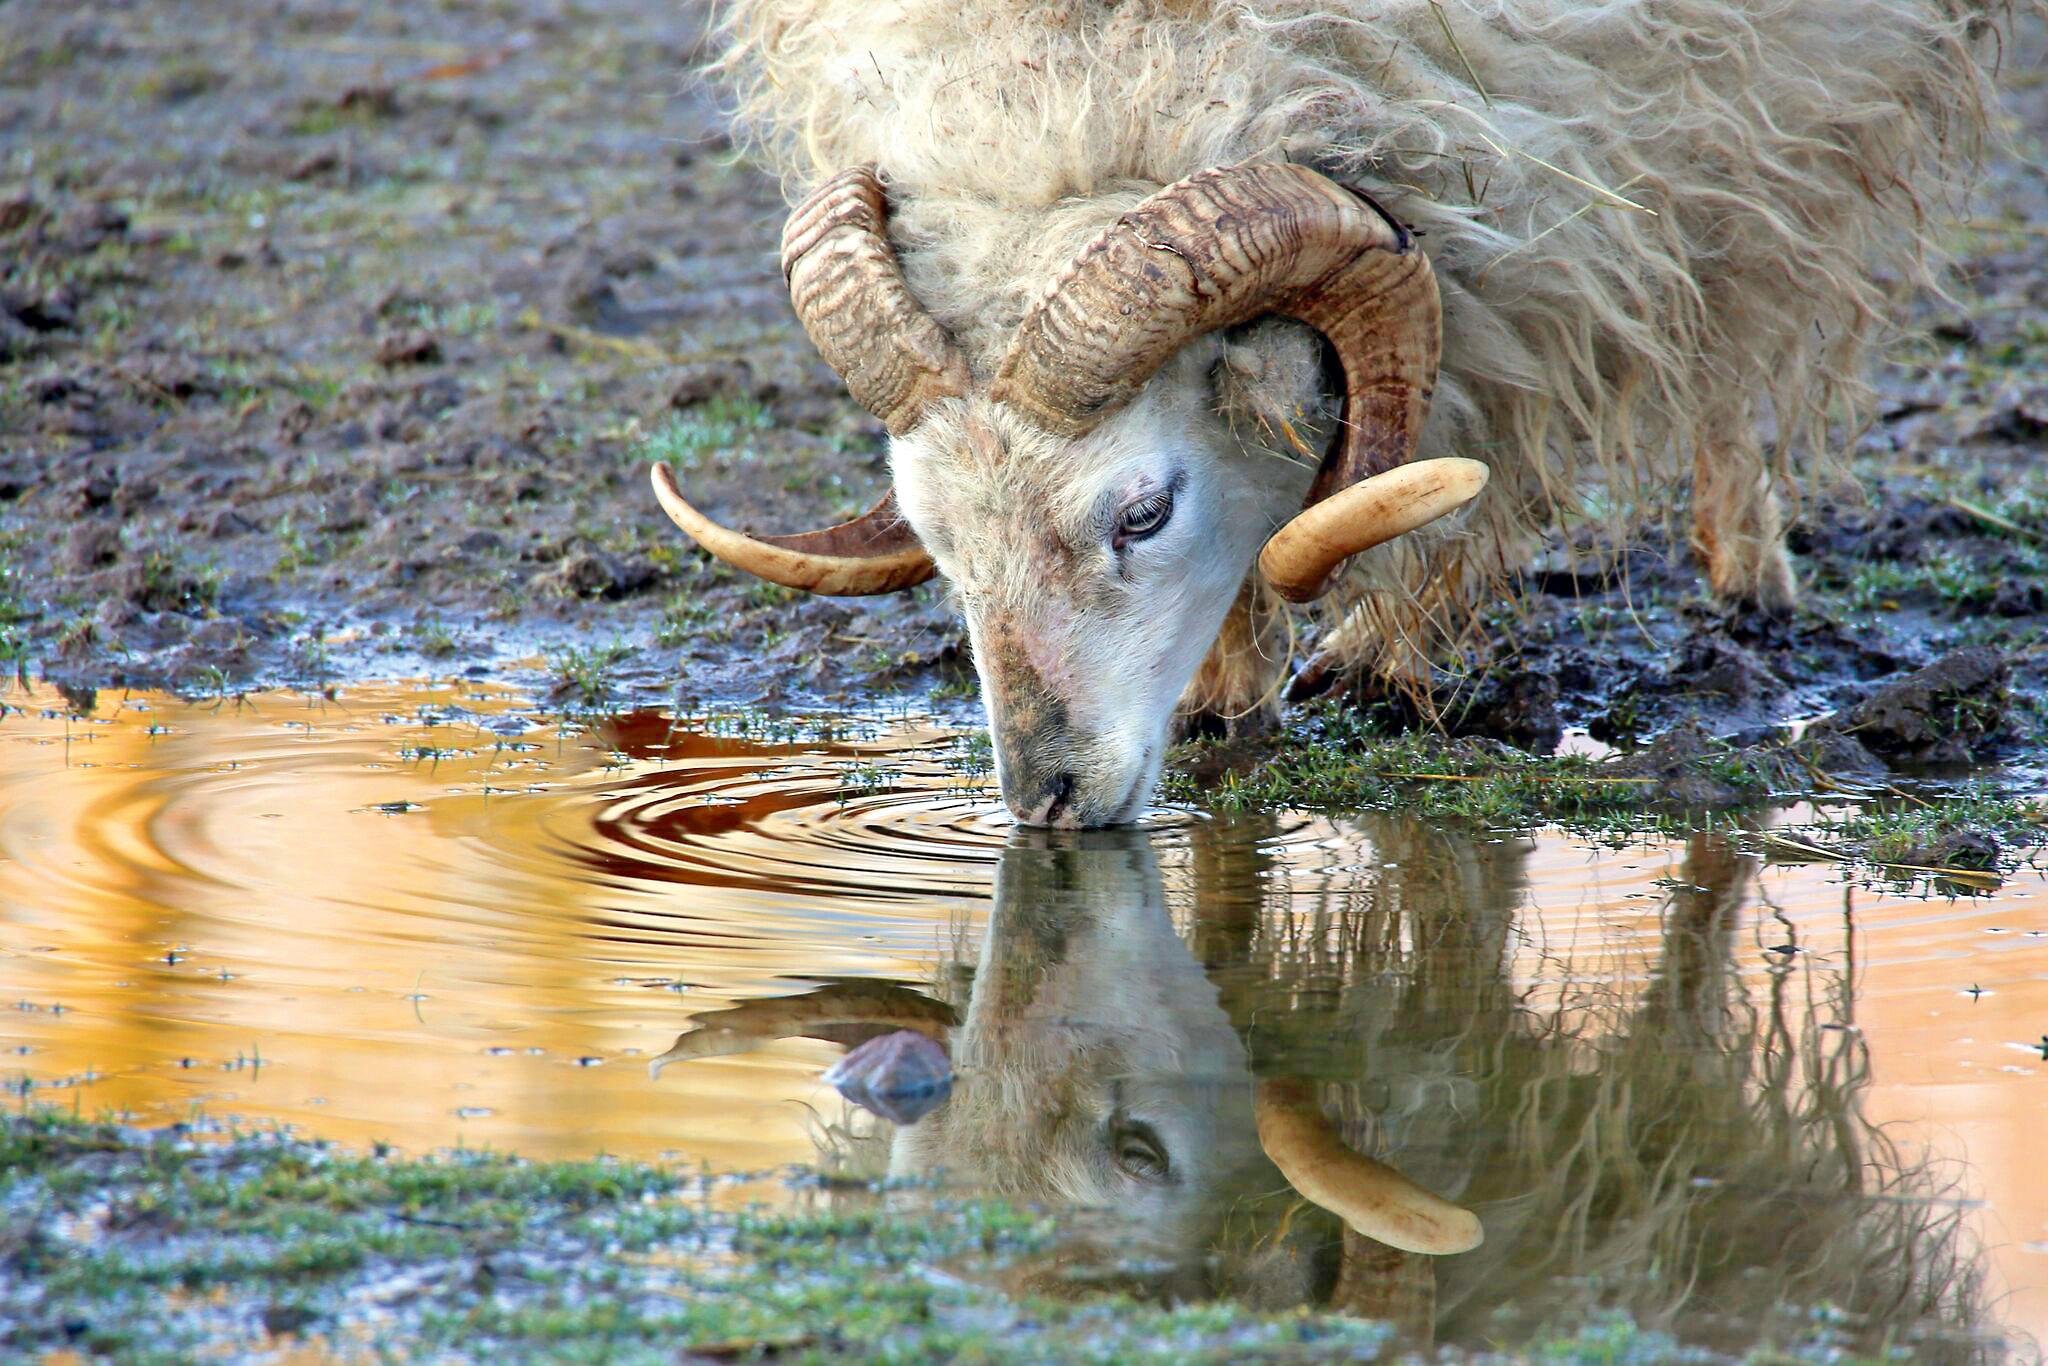 Erlebnis Natur auf der TourNatur © VDN/wimi